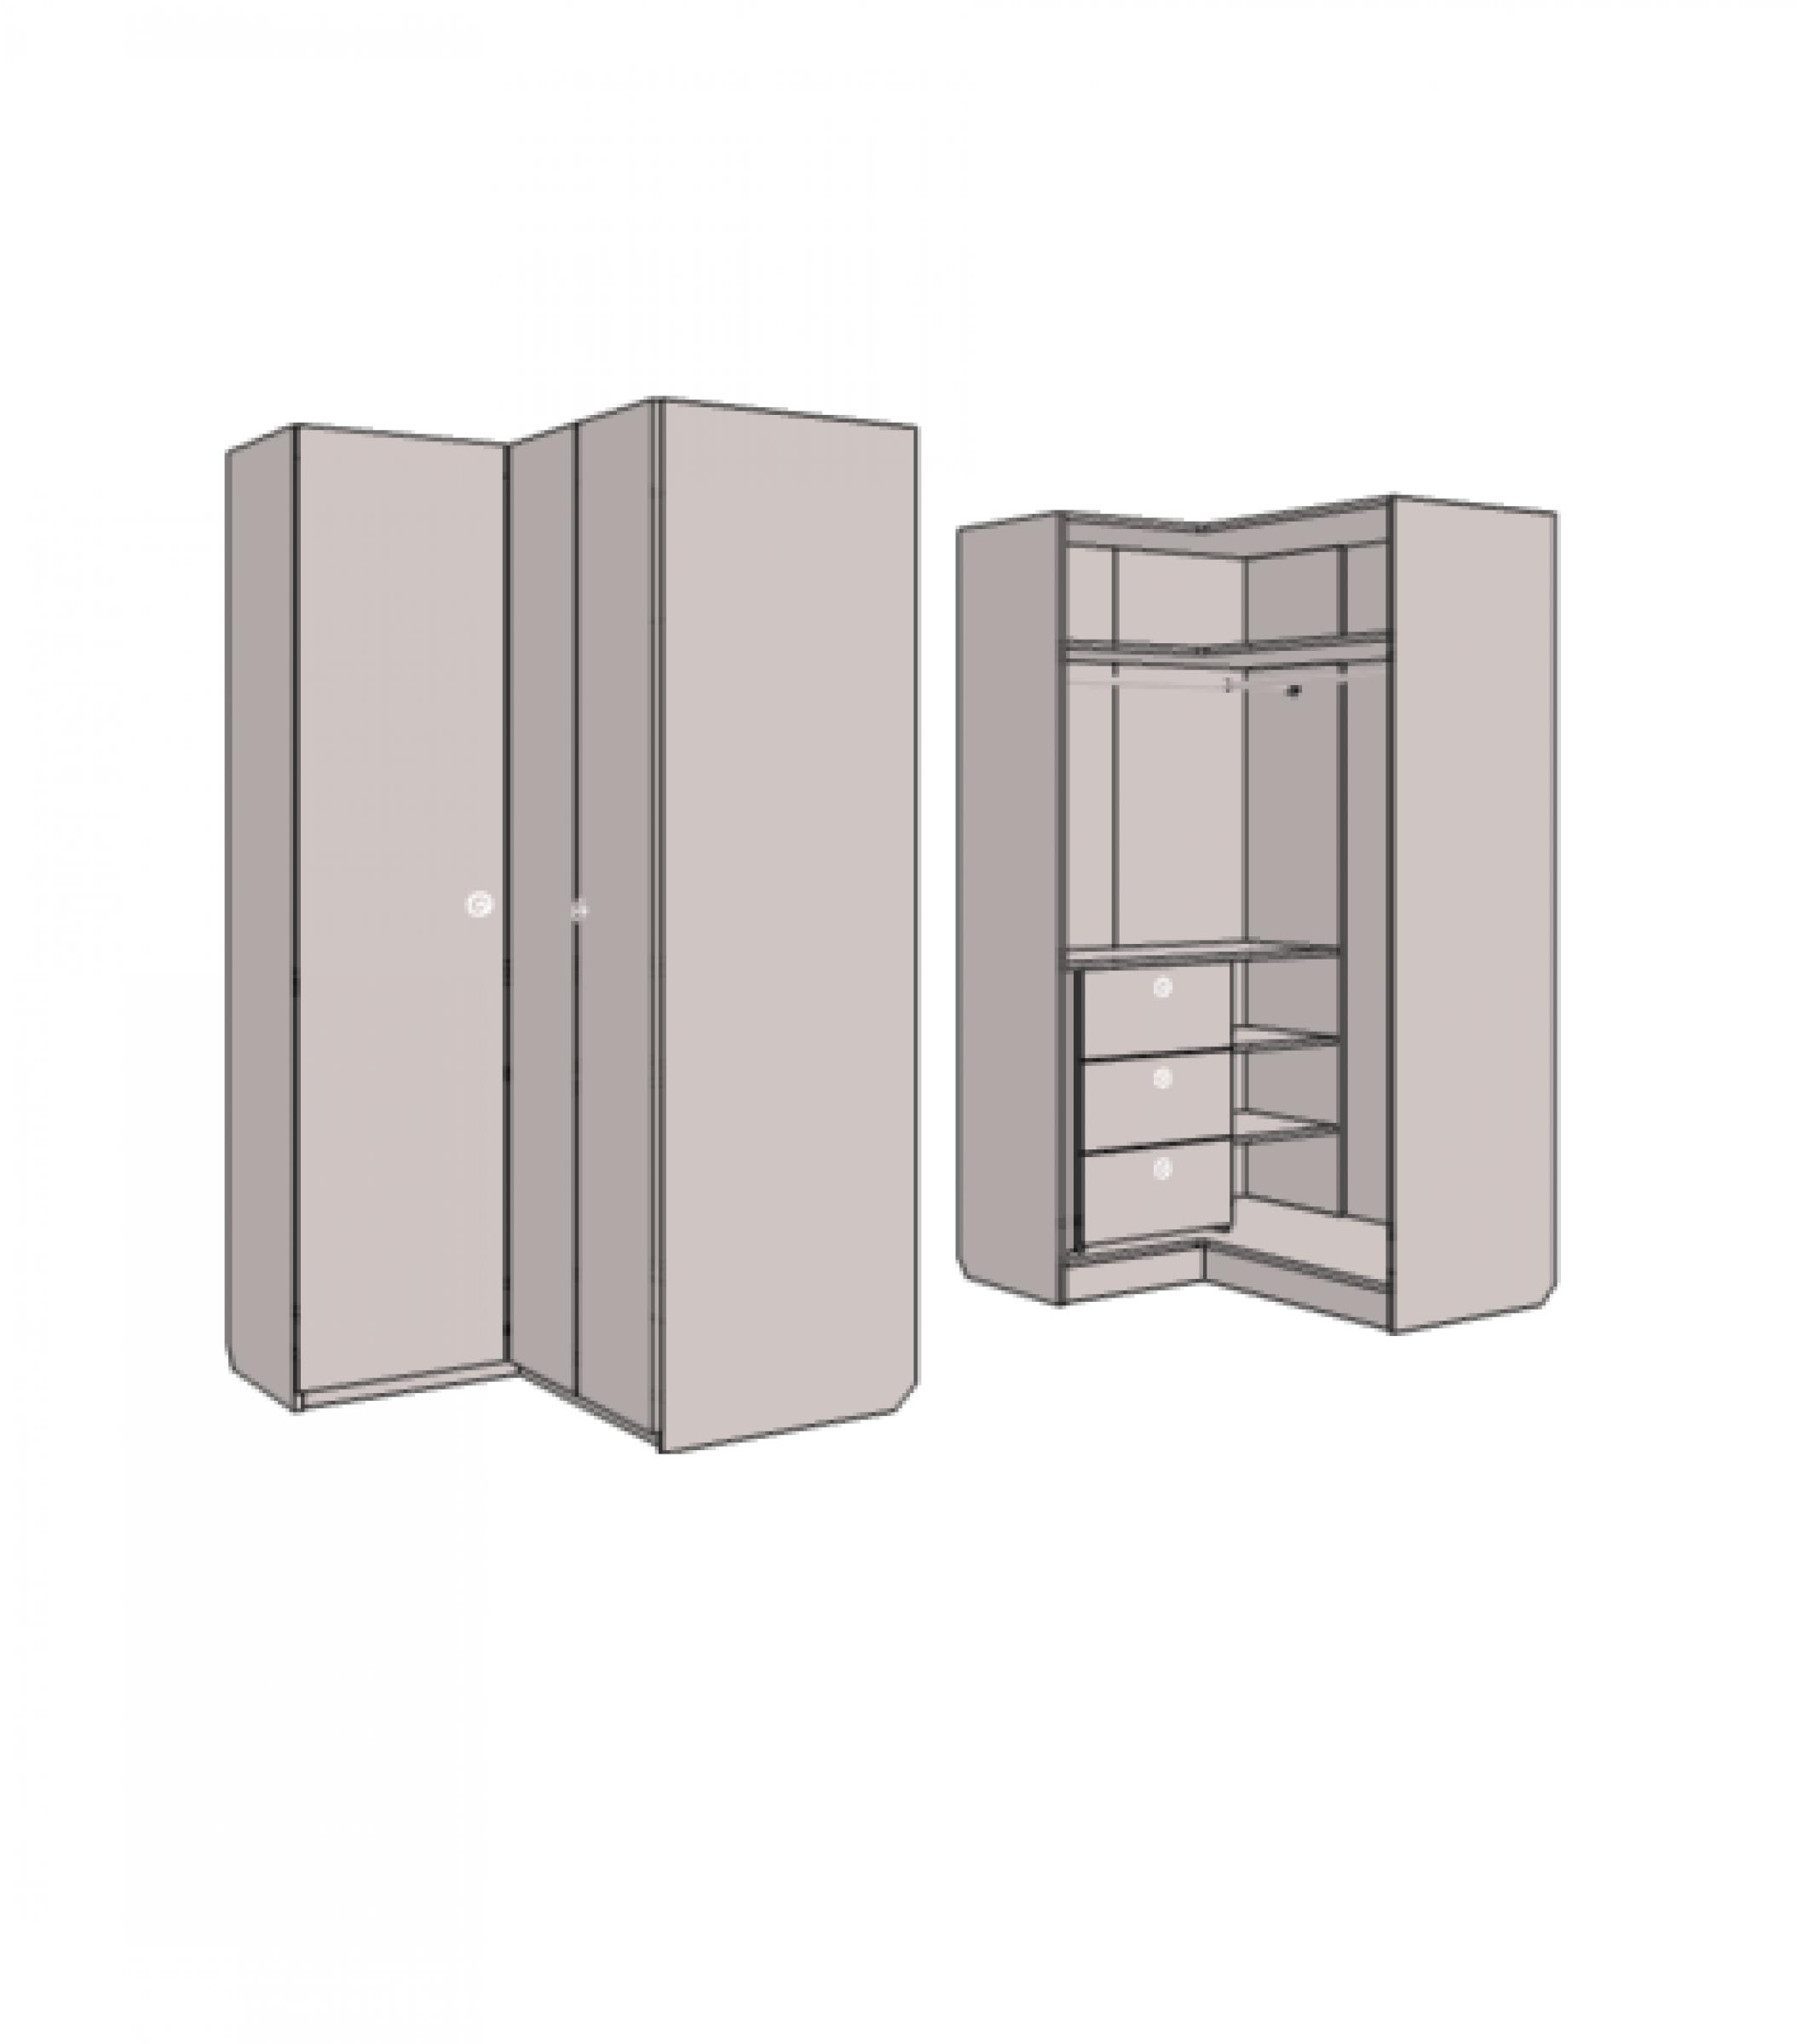 Шкаф - гардероб угловой с 3-мя внутренними ящиками. Артикул: VSU_12L/R